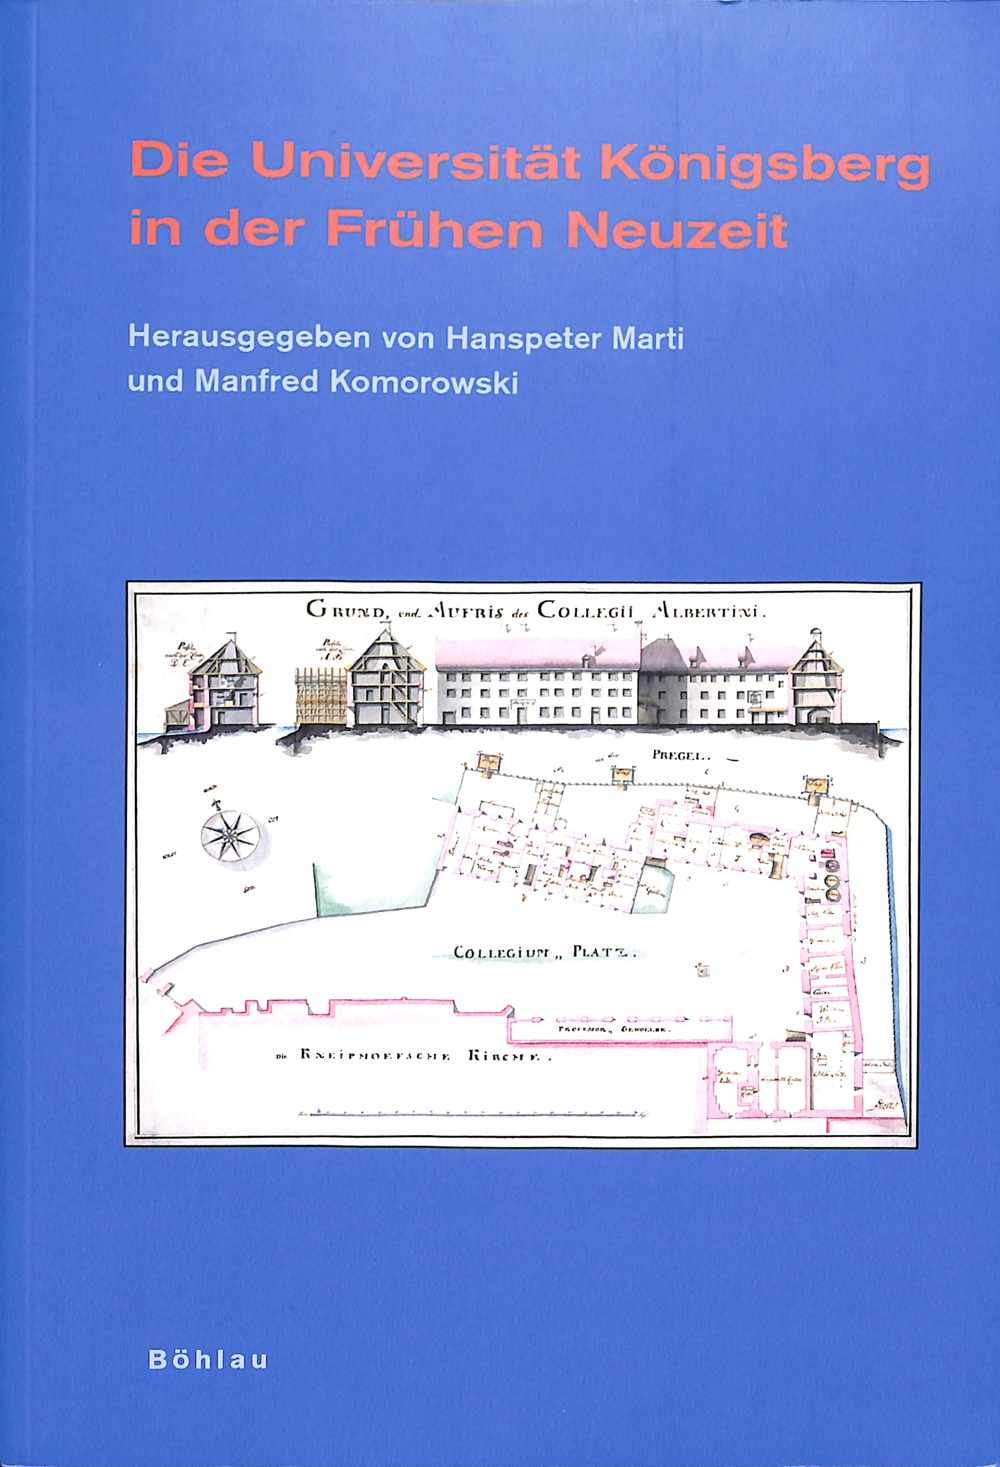 Die Universität Königsberg in der Frühen Neuzeit